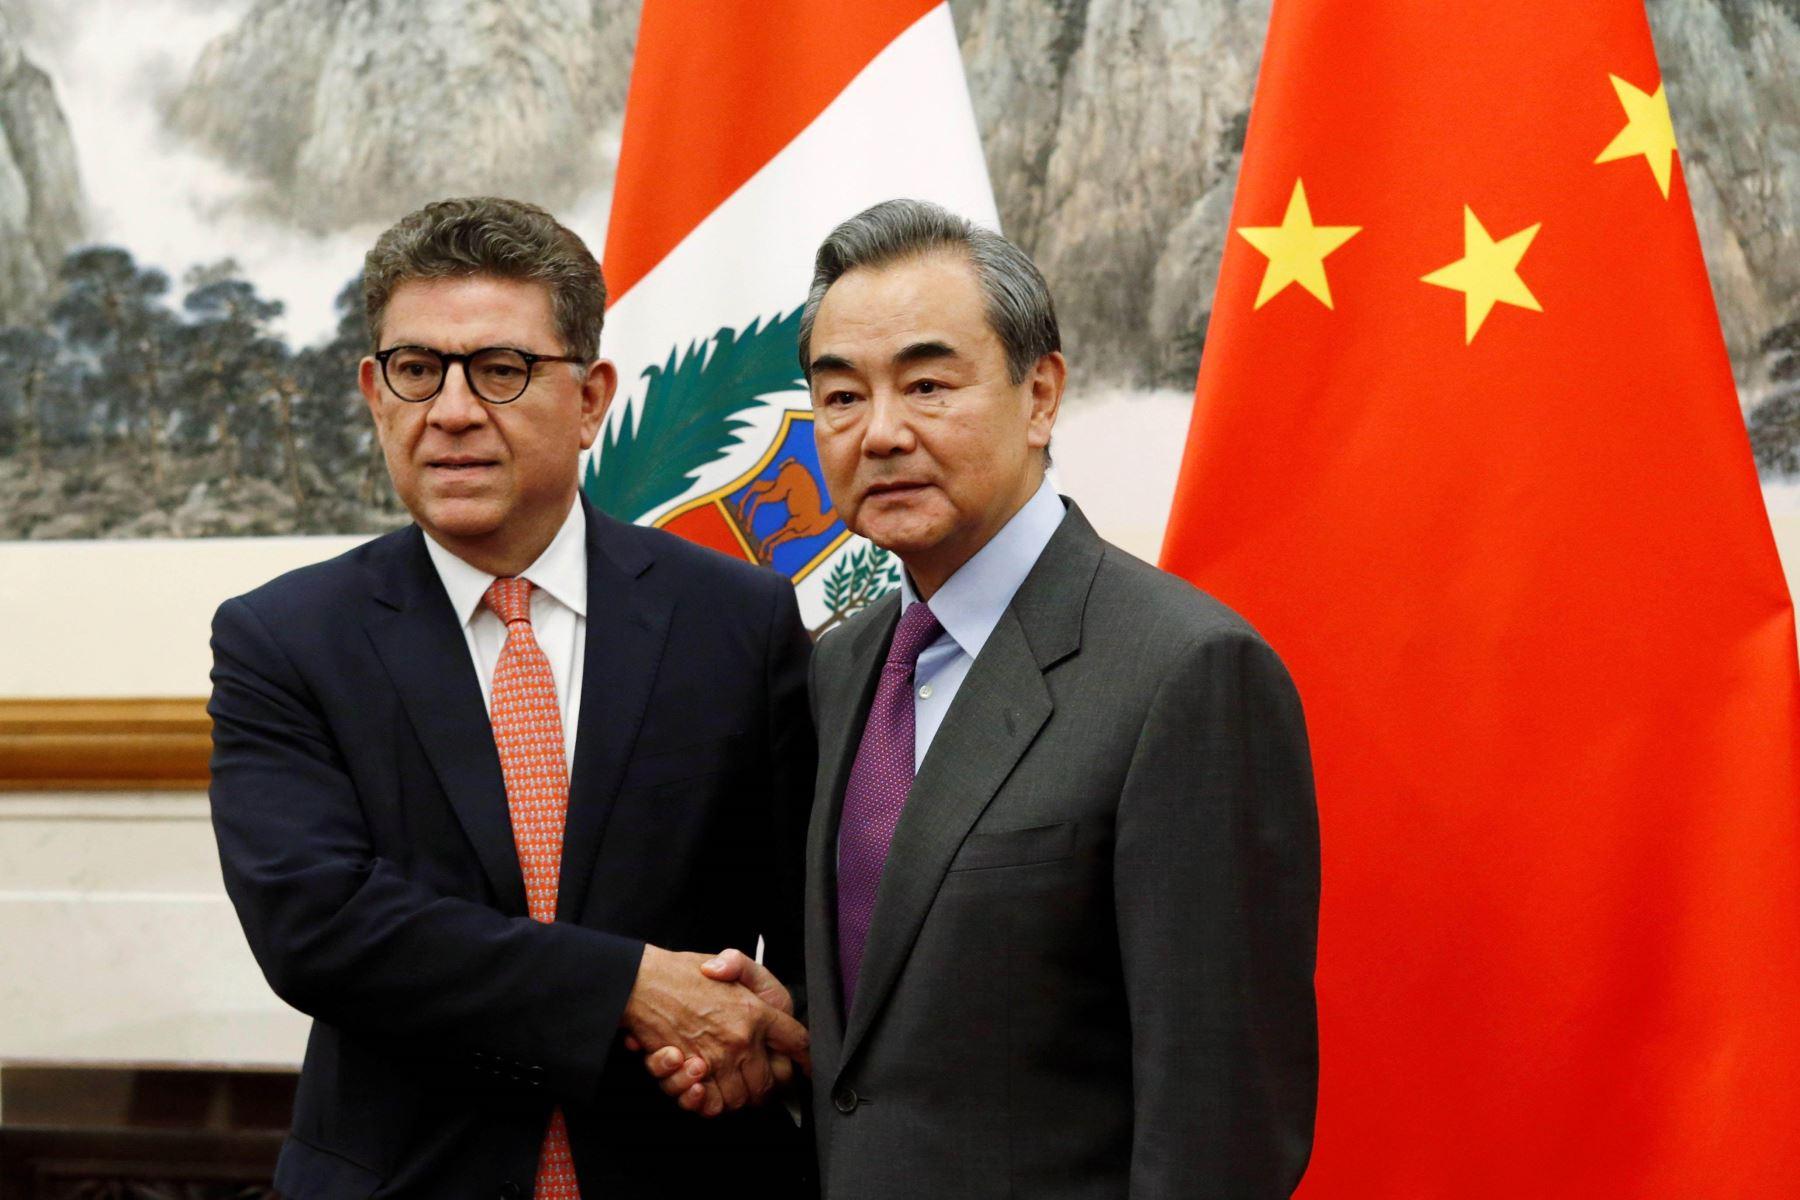 El Ministro de Relaciones Exteriores del Perú, Embajador Gustavo Meza-Cuadra, fue recibido en audiencia por el Consejero de Estado y Ministro de Relaciones Exteriores de China, Wang Yi. Foto: EFE